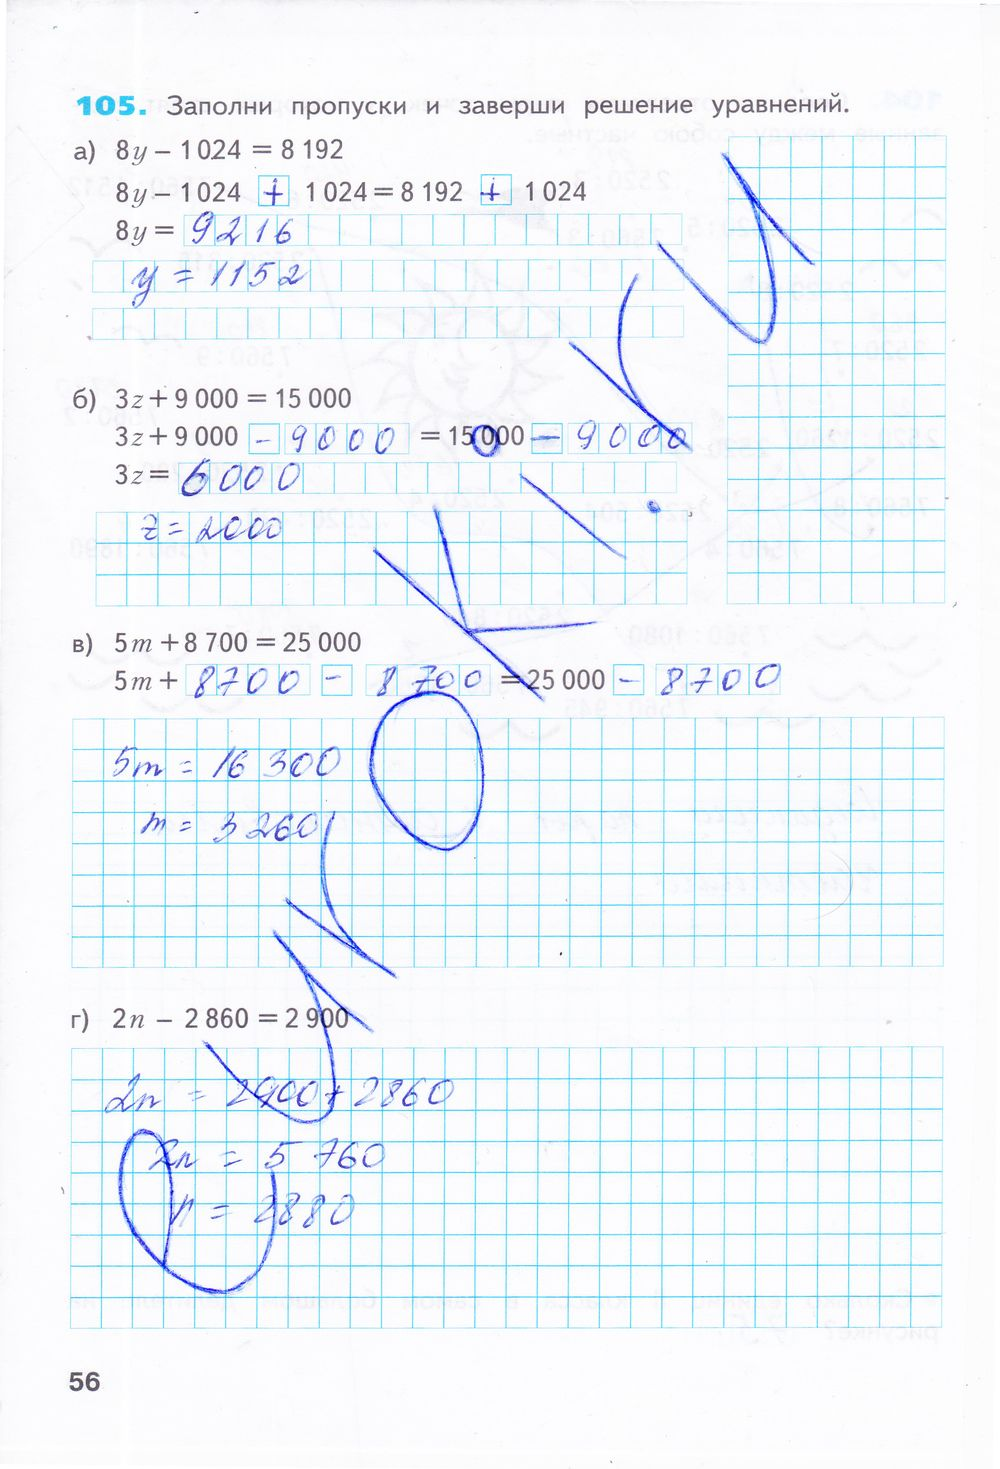 Тетрадб по географии решебник а.в шатных 6 класс